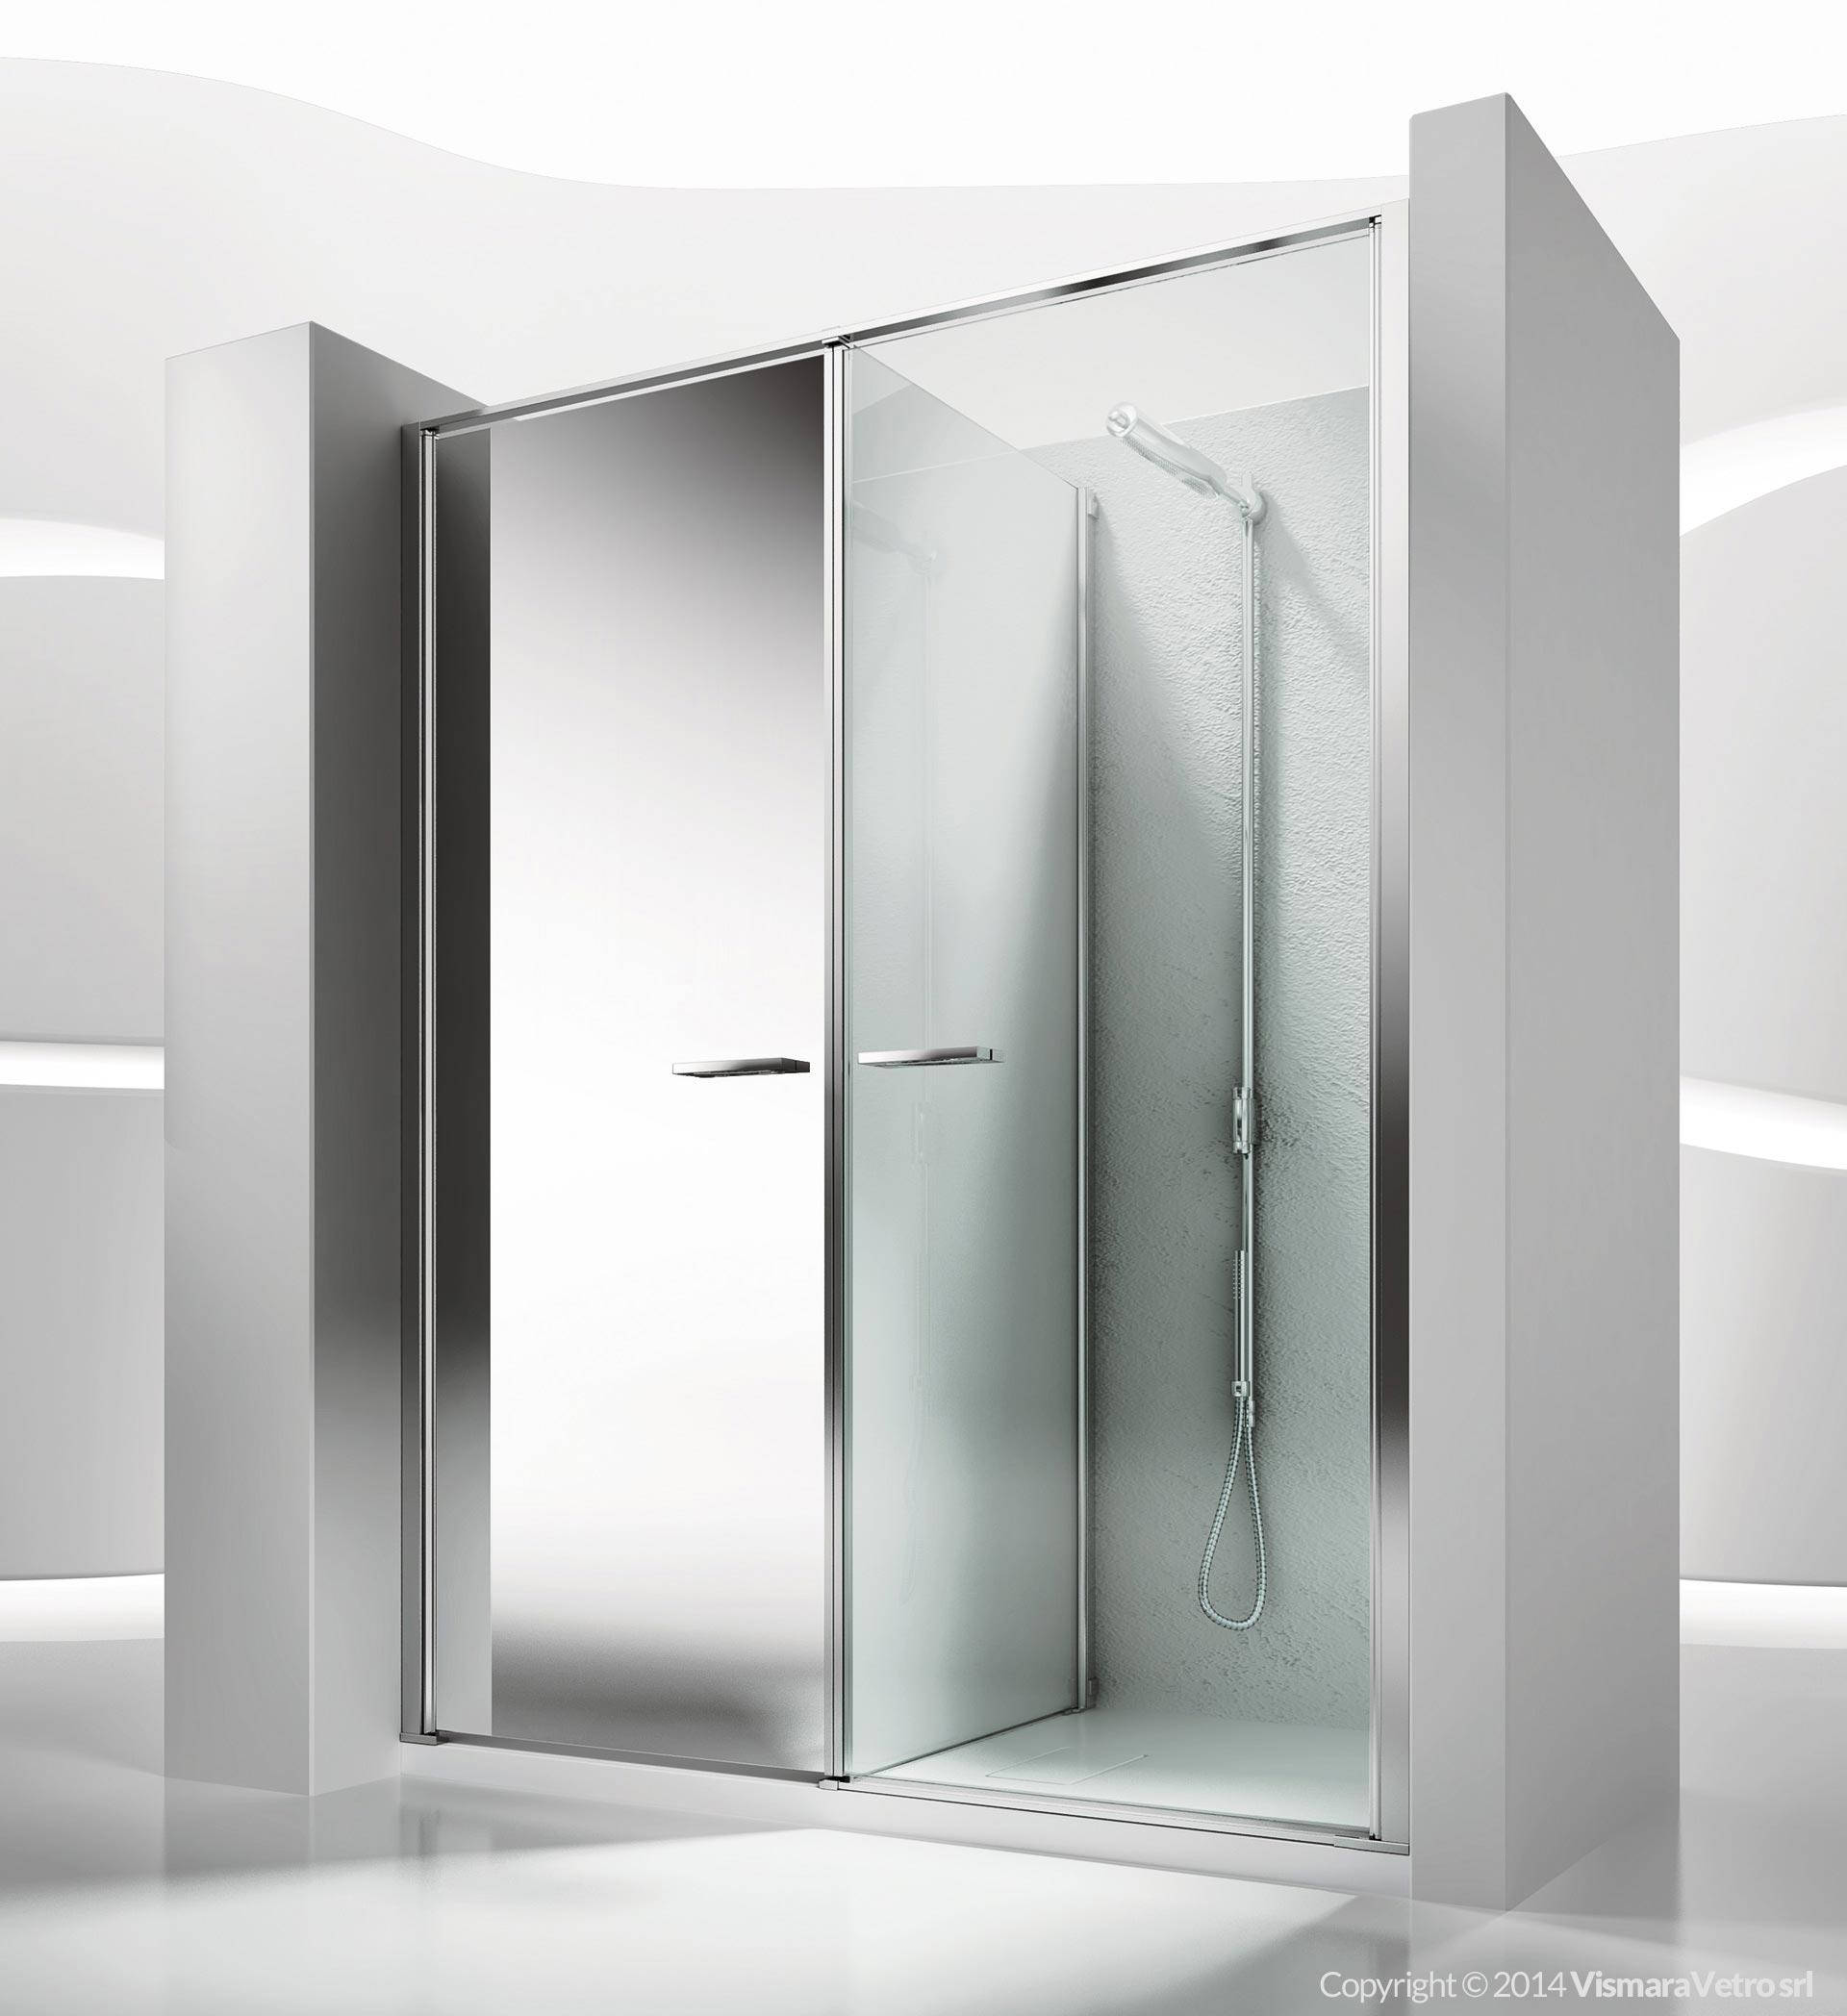 Modello w11 installazione in nicchia - Costruire box doccia ...